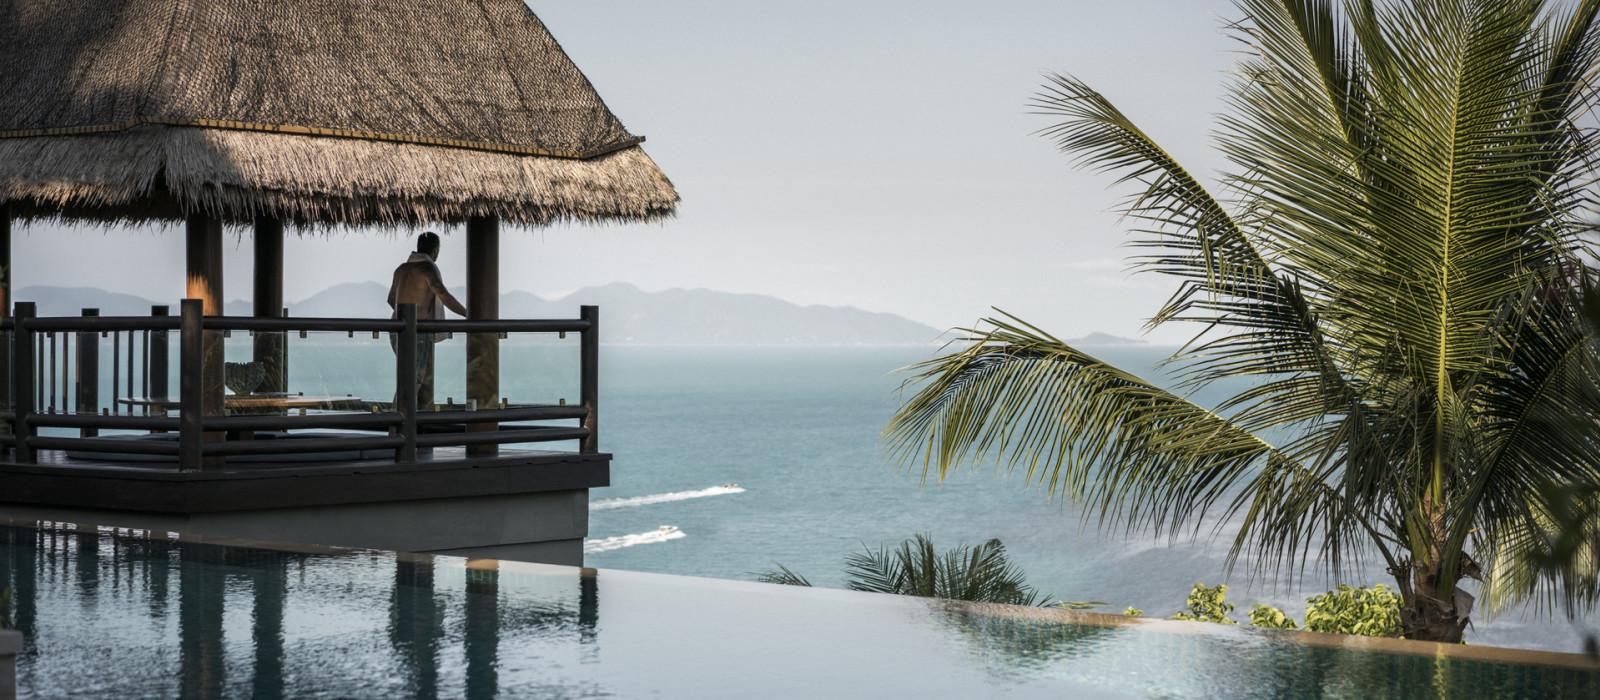 Hotel Four Seasons Koh Samui Thailand